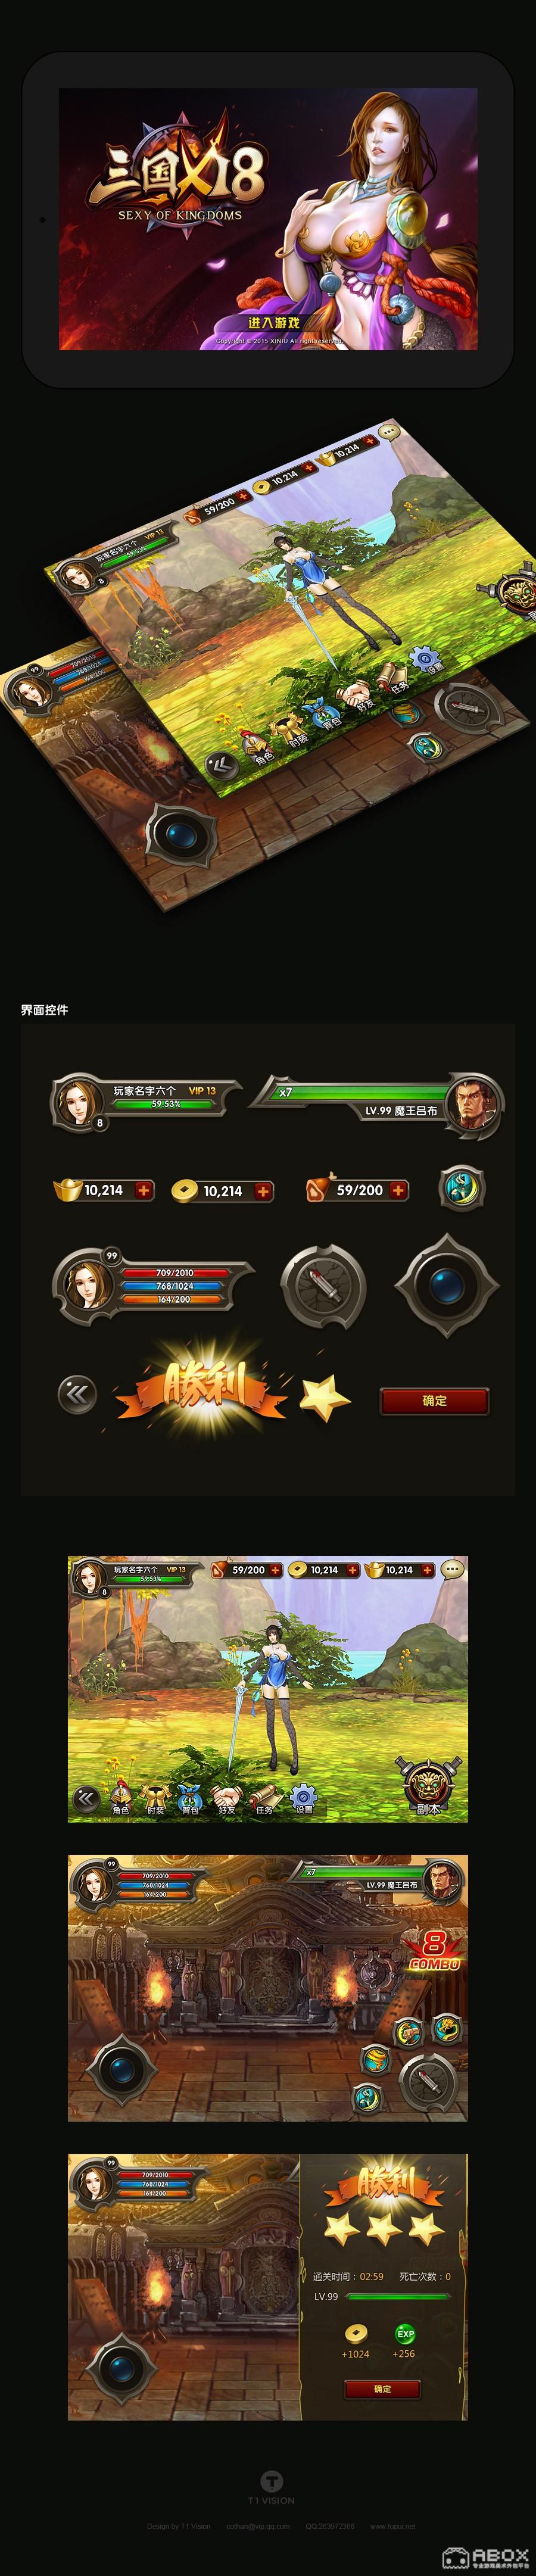 周一到周五qq表情_TOPUI---专注游戏UI视觉设计_上海普陀UI外包_美术盒子